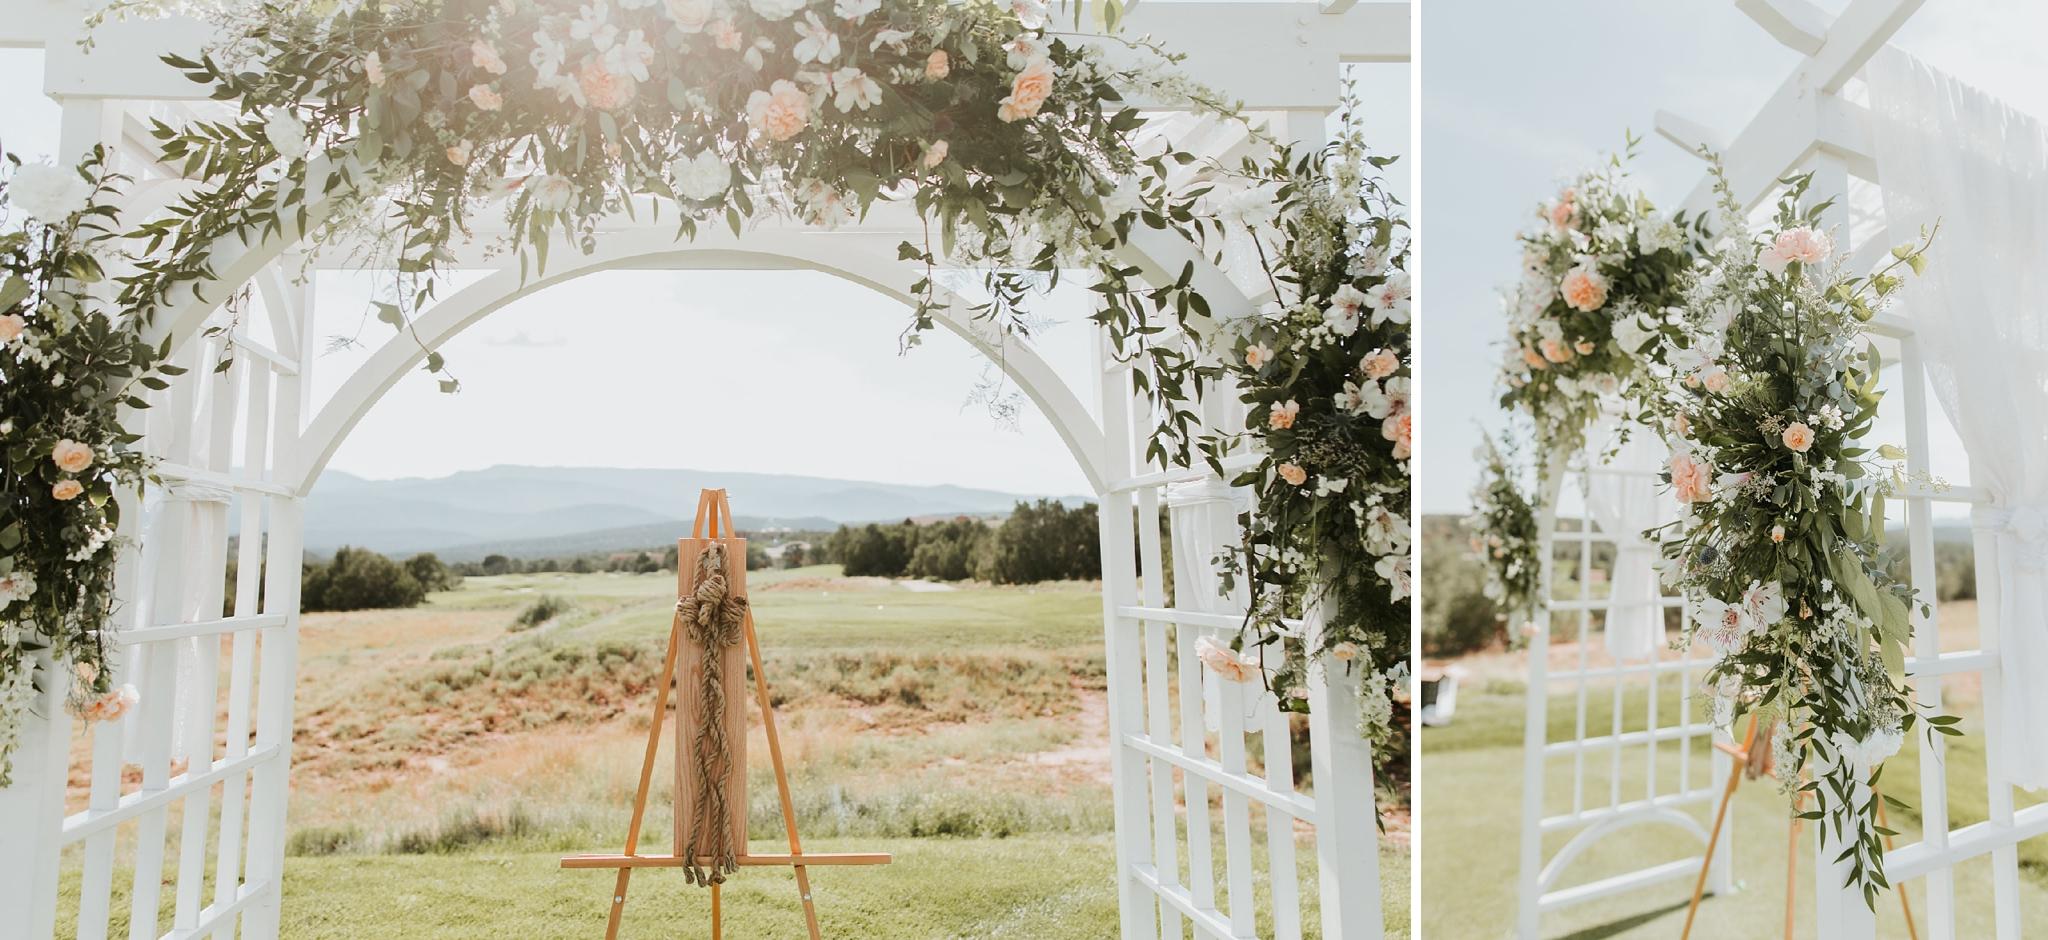 Alicia+lucia+photography+-+albuquerque+wedding+photographer+-+santa+fe+wedding+photography+-+new+mexico+wedding+photographer+-+new+mexico+wedding+-+summer+wedding+-+summer+wedding+florals+-+southwest+wedding_0118.jpg